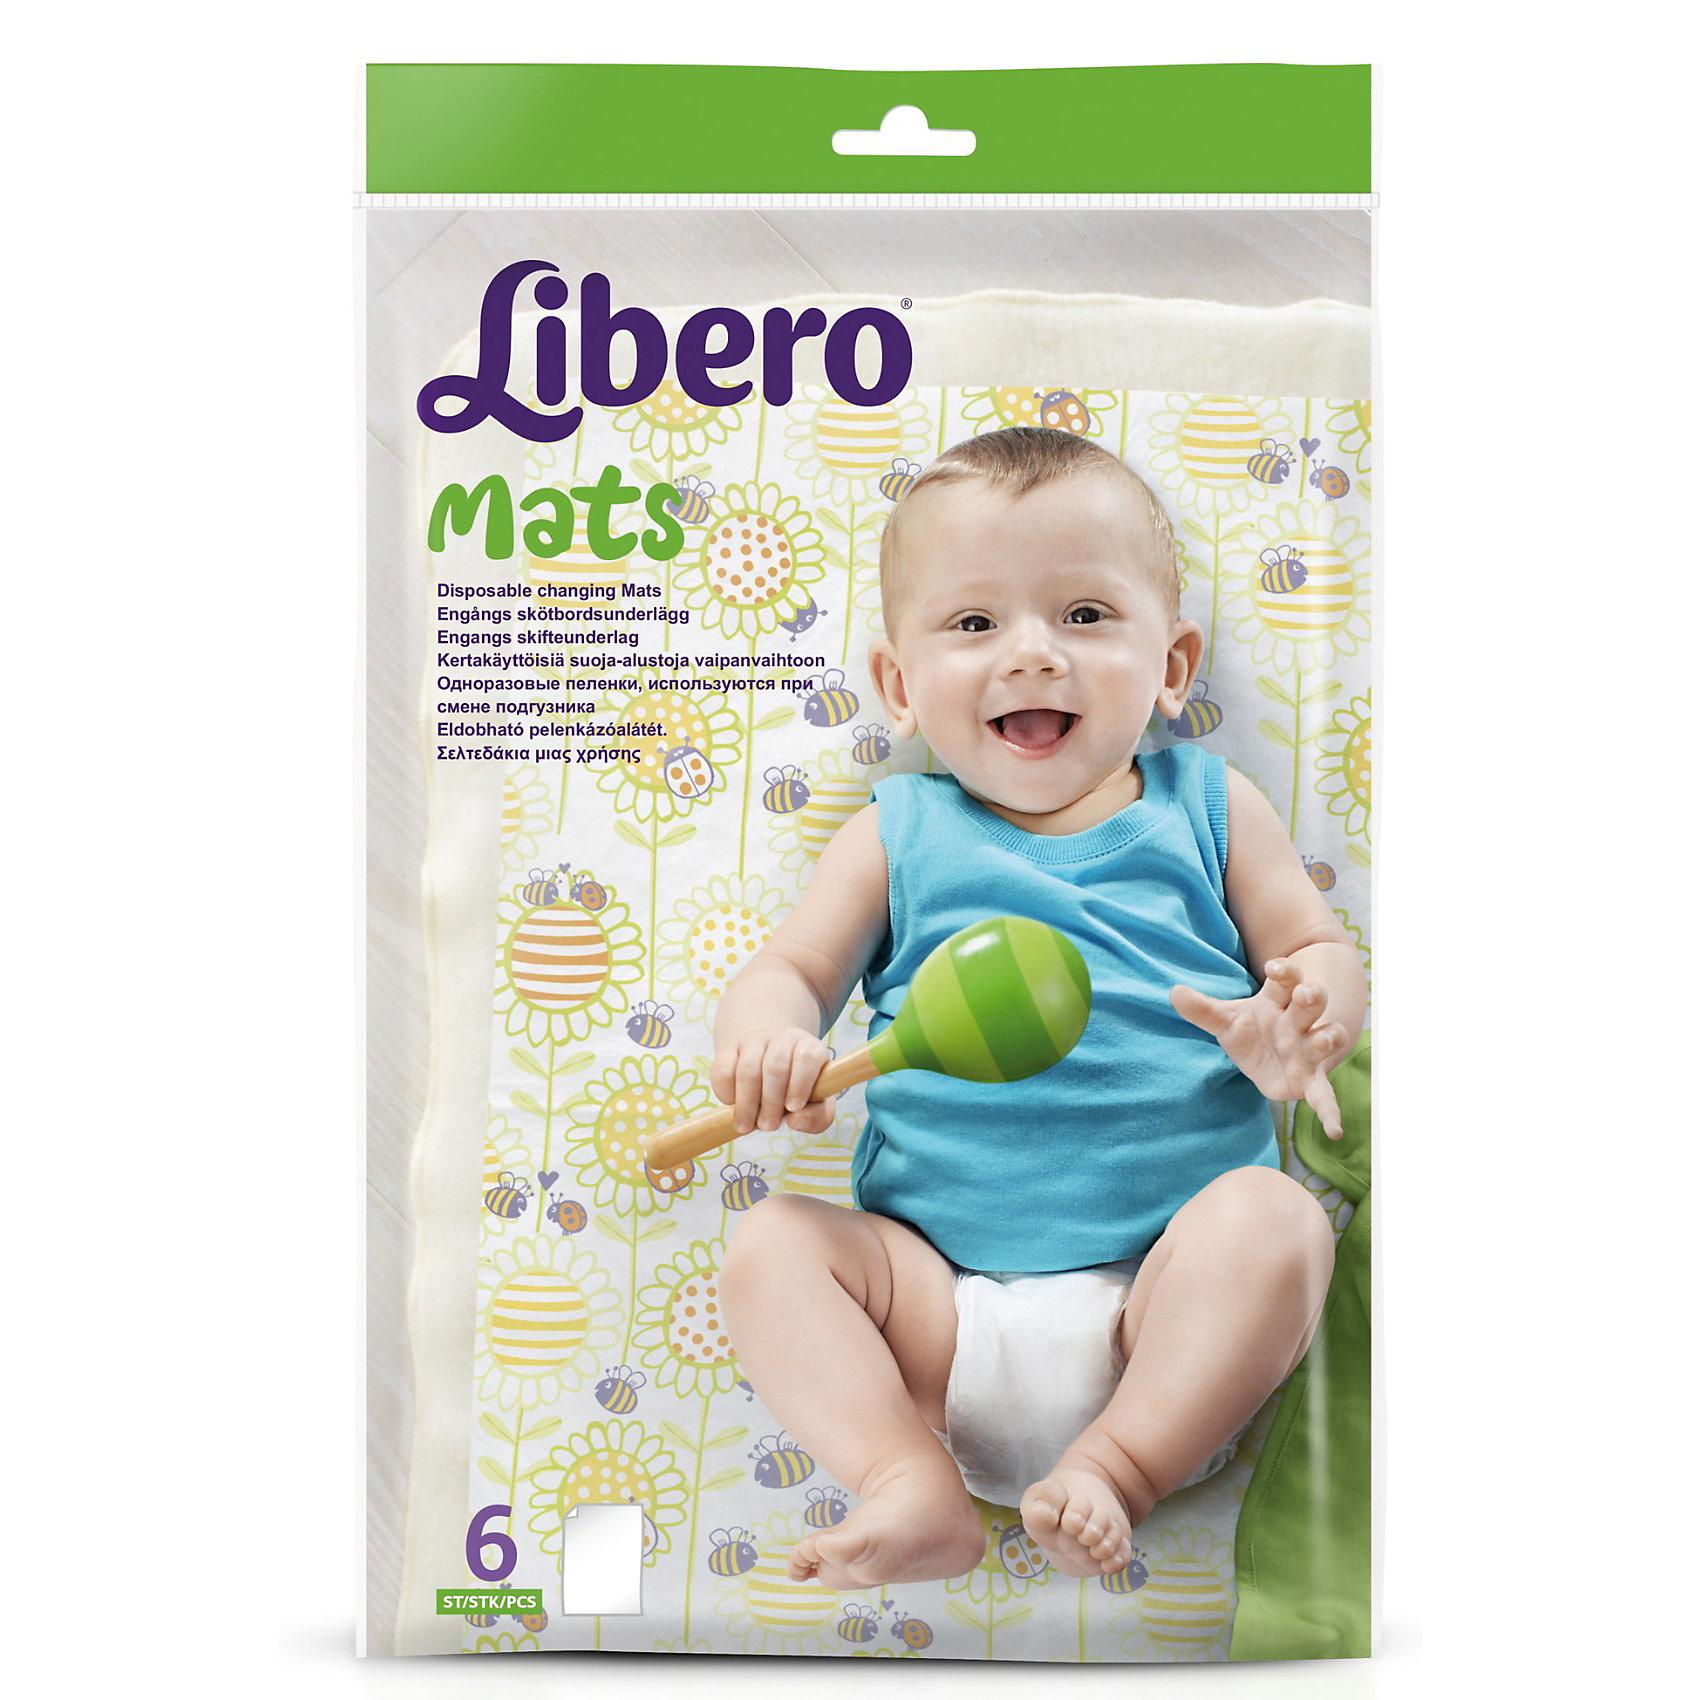 Одноразовые пеленки Libero Easy Change, 50х70 см, 6 шт.Пеленки Libero Mats, 10х6 шт.<br><br>Характеристики:<br><br>• выполнены из мягкого нетканого материала<br>• хорошо впитывают влагу<br>• приятный дизайн<br>• компактная упаковка<br>• размер: 50х70 см<br><br>Пеленки Libero Mats отлично подойдут для смены подгузника вне дома. Они защитят малыша от грязи и бактерий и хорошо впитают влагу, не раздражая кожу крохи. Компактная упаковка позволяет брать пеленки с собой в поликлинику, в гости или на массаж. <br><br>Пеленки Libero Mats, 10х6 шт. можно купить в нашем интернет-магазине.<br><br>Ширина мм: 28<br>Глубина мм: 185<br>Высота мм: 260<br>Вес г: 177<br>Возраст от месяцев: 0<br>Возраст до месяцев: 36<br>Пол: Унисекс<br>Возраст: Детский<br>SKU: 3517664